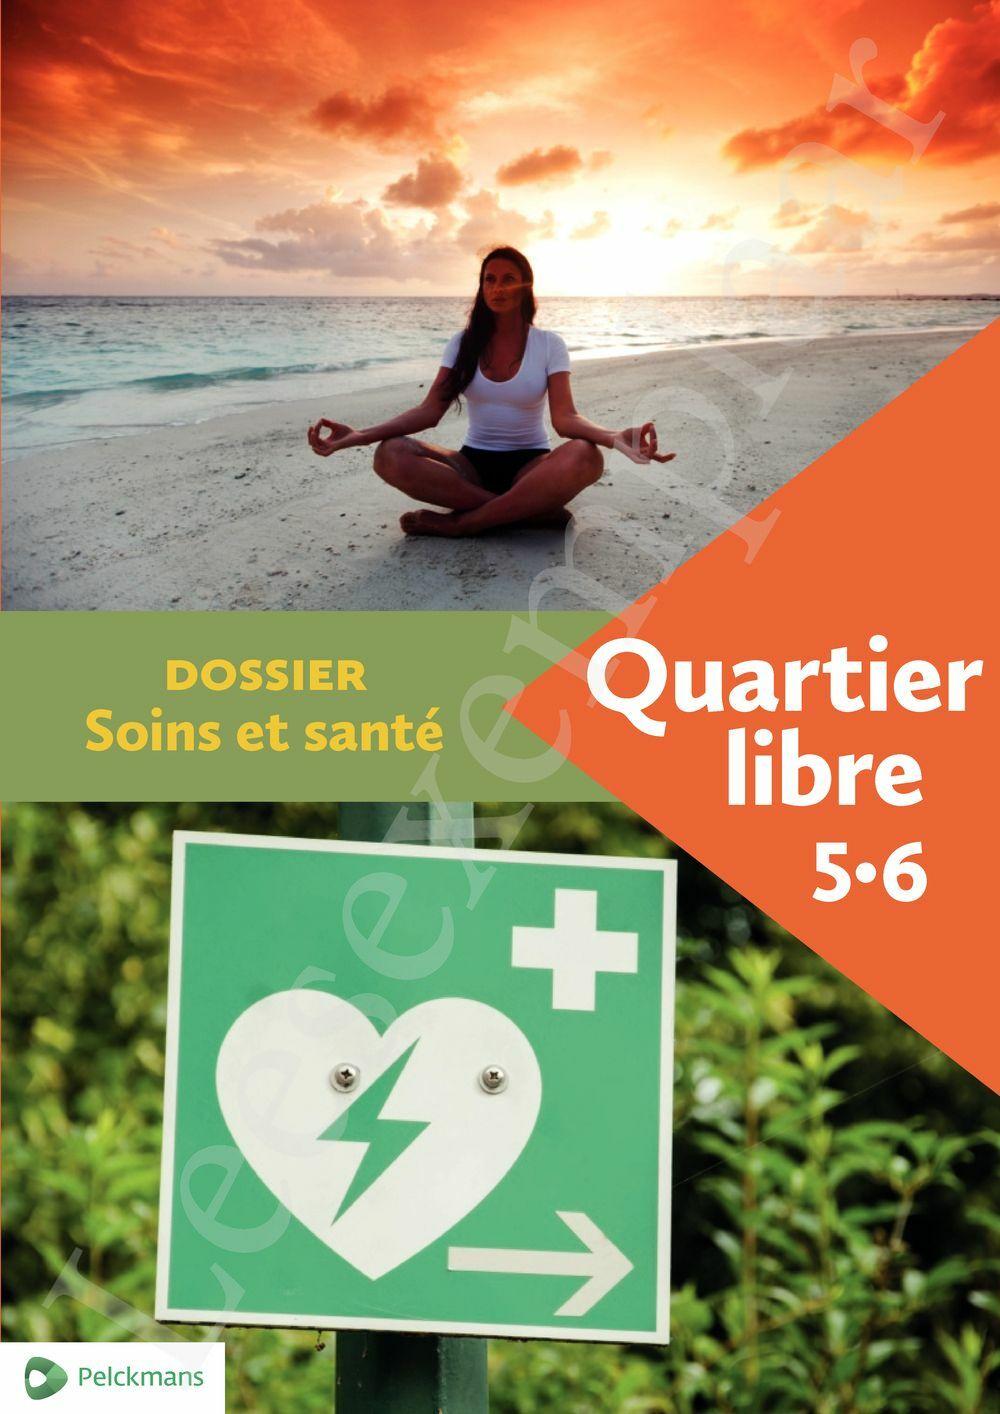 Preview: Quartier libre 5 / 6 Dossier Soins et santé